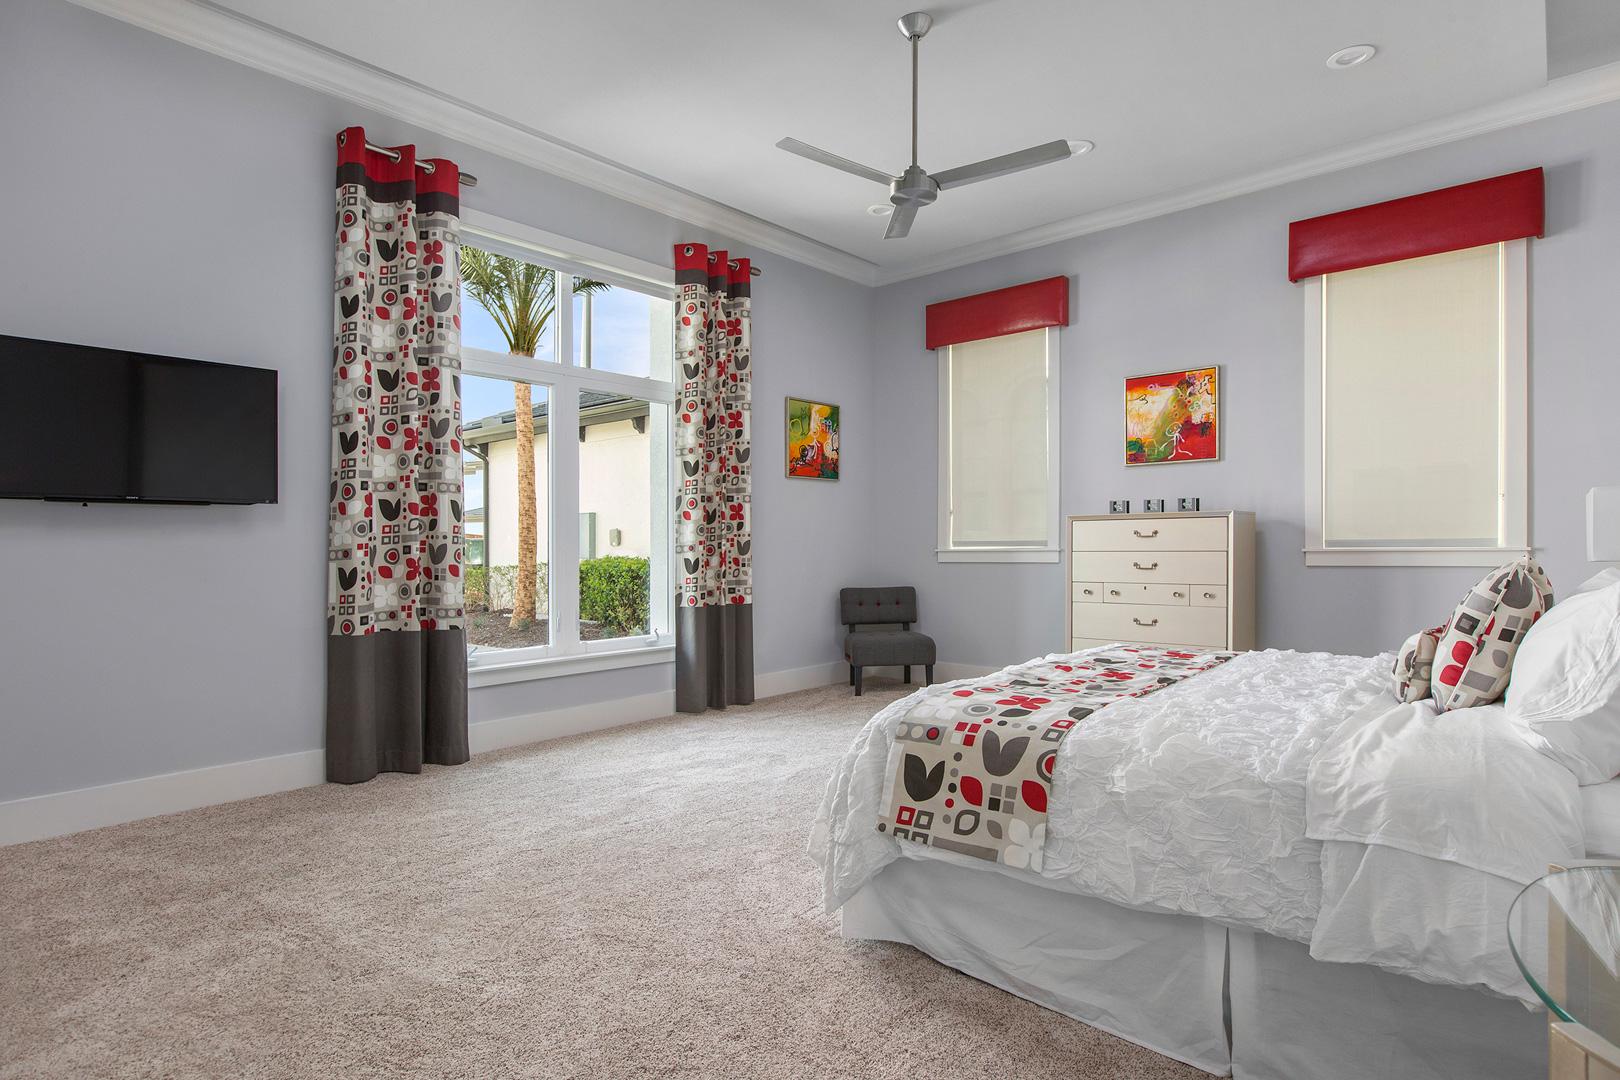 Bedrooms43